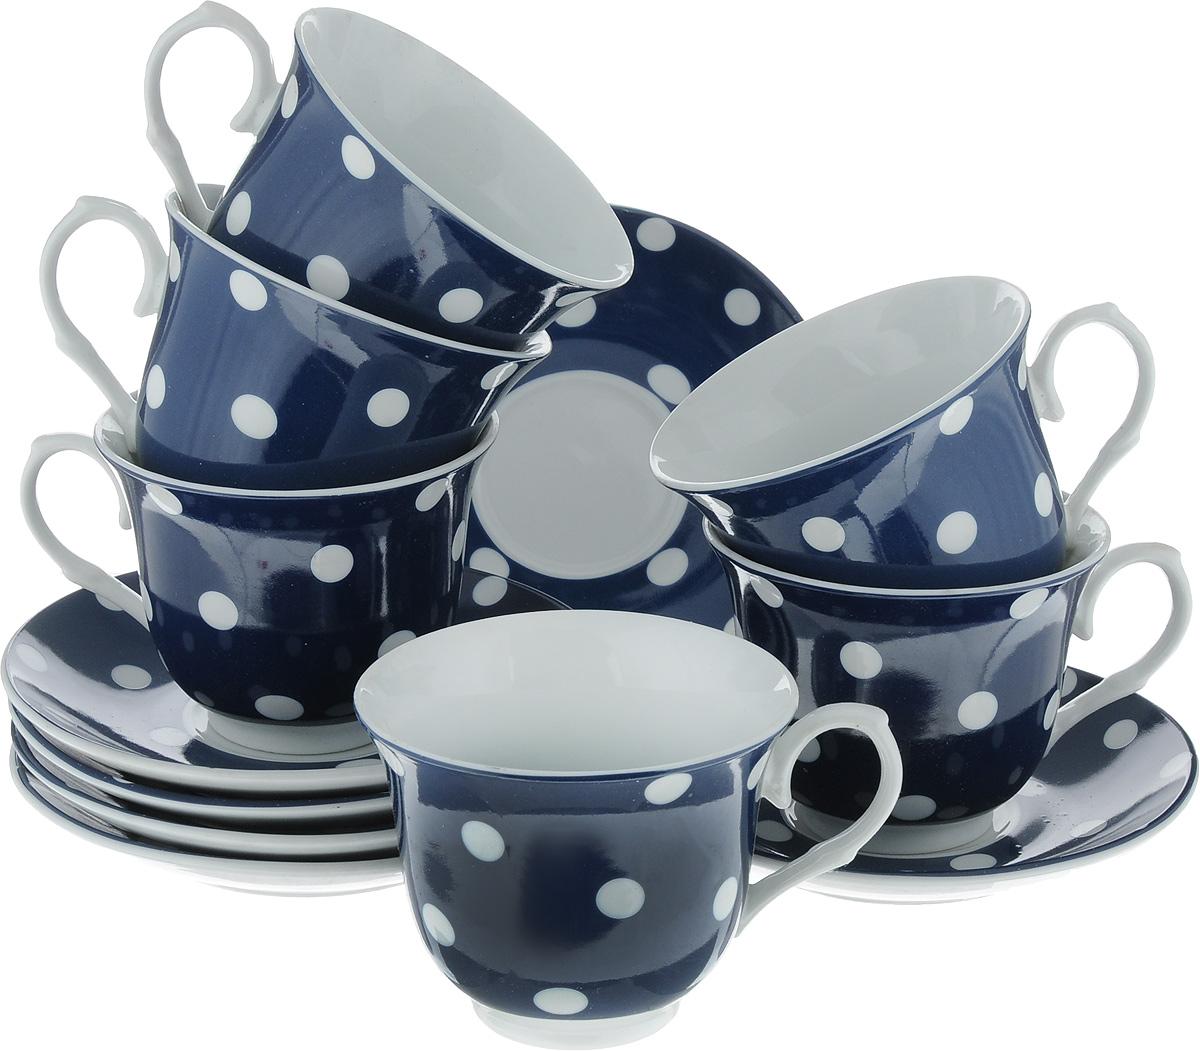 Набор чайный Loraine, цвет: белый, темно-синий, 12 предметов. 2590525905_белый, темно-синийЧайный набор Loraine состоит из шести чашек и шести блюдец. Изделия выполнены из высококачественного фарфора и оформлены красивым принтом в горошек. Такой набор изящно дополнит сервировку стола к чаепитию. Благодаря оригинальному дизайну и качеству исполнения, он станет замечательным подарком для ваших друзей и близких. Объем чашки: 220 мл. Диаметр чашки (по верхнему краю): 9 см. Высота чашки: 7,5 см. Диаметр блюдца: 14 см.Высота блюдца: 2 см.